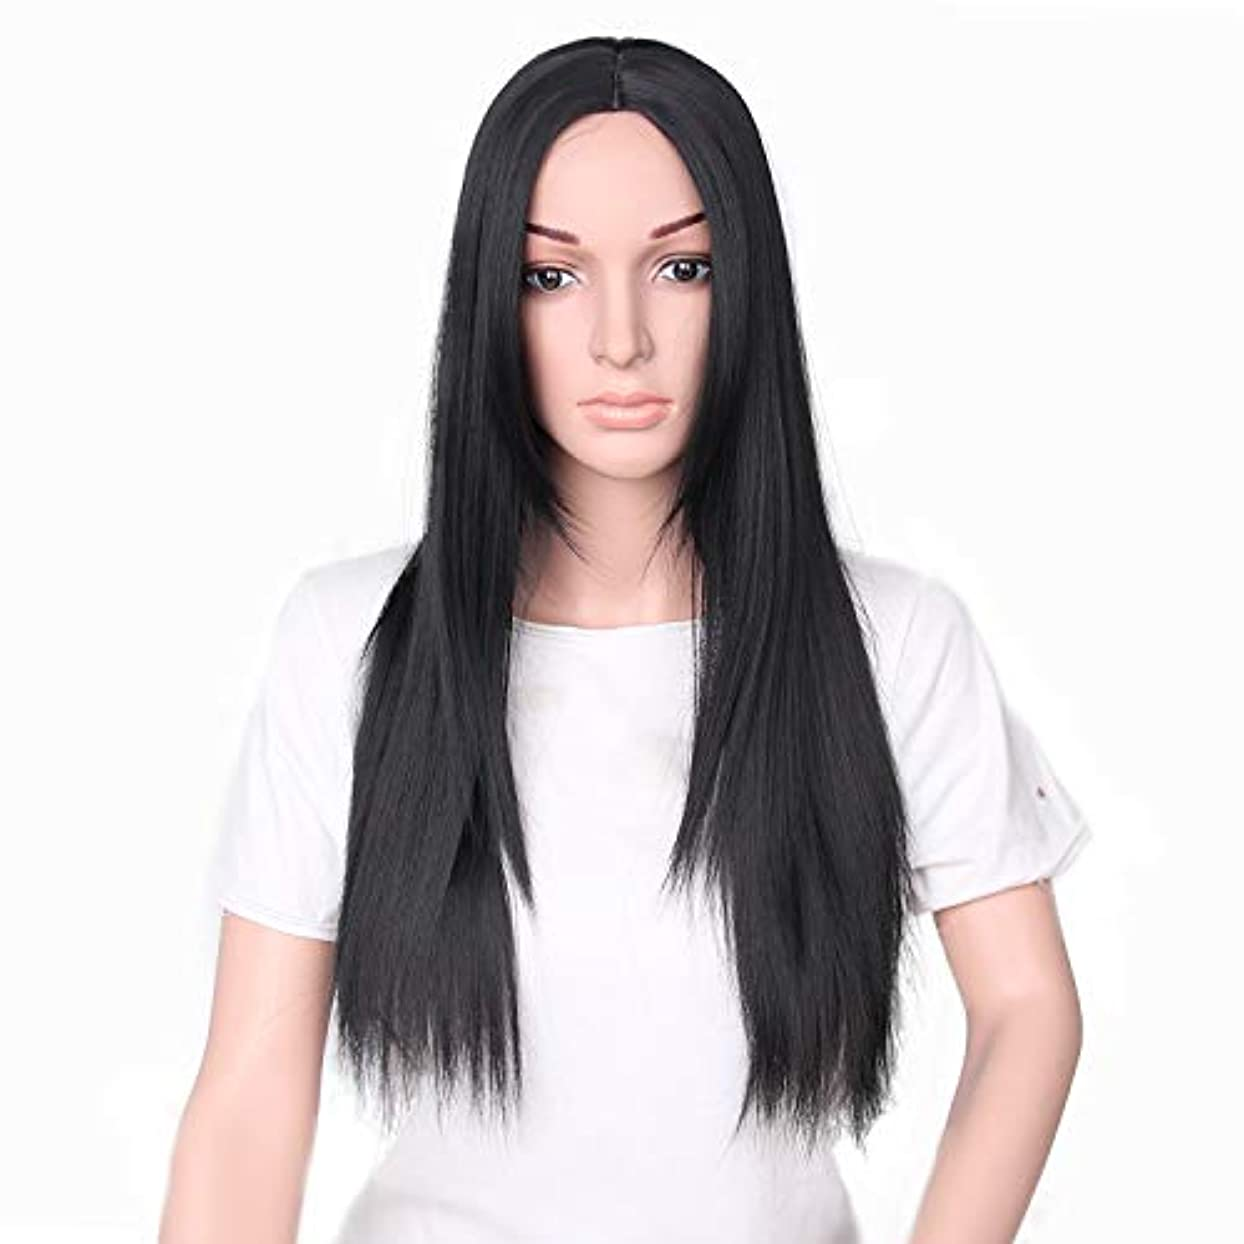 人事つづりシャーロックホームズYZUEYT 66cm女性ナチュラルセンター分割ロングストレートブラックヘアウィッグ YZUEYT (Size : One size)